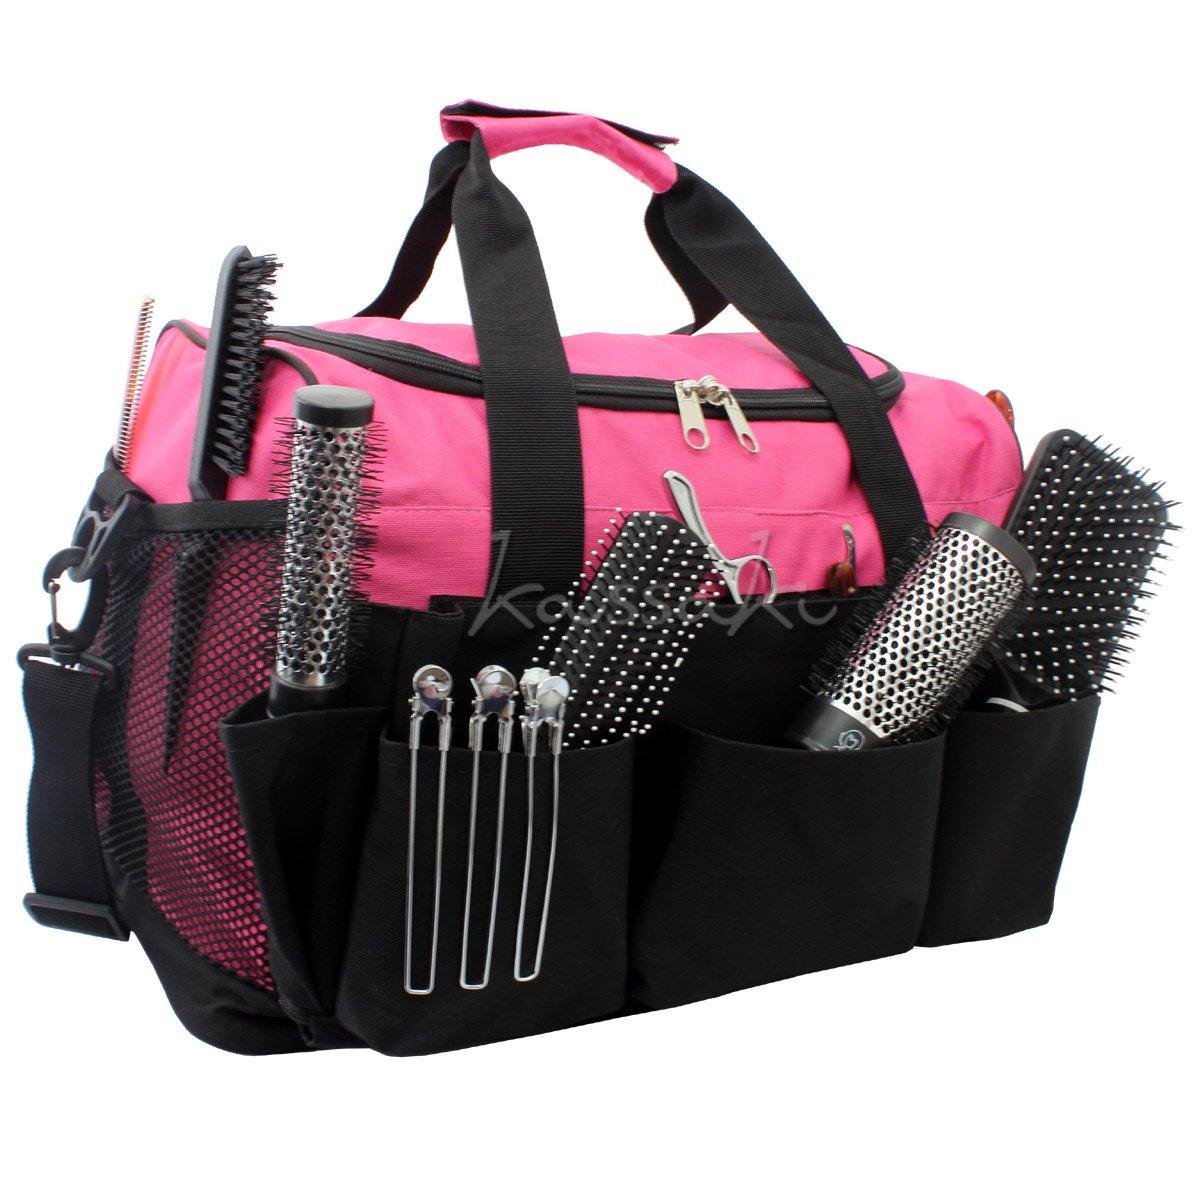 Hairdressing Designer Session Bag Large Mobile Hairdresser Barber Kit Holder in Pink Kassaki